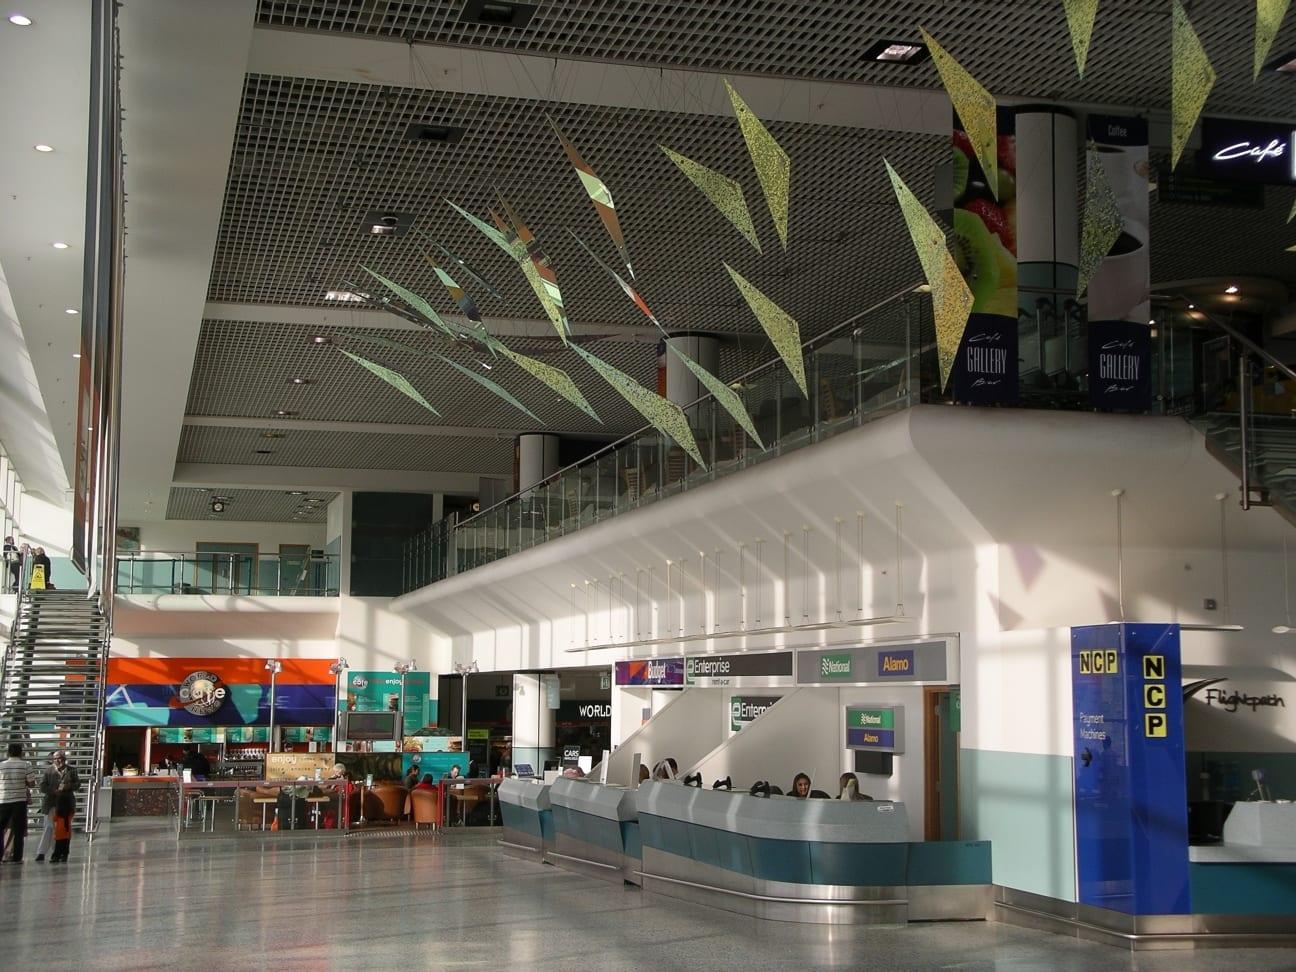 Medios de transporte del aeropuerto de Birmingham